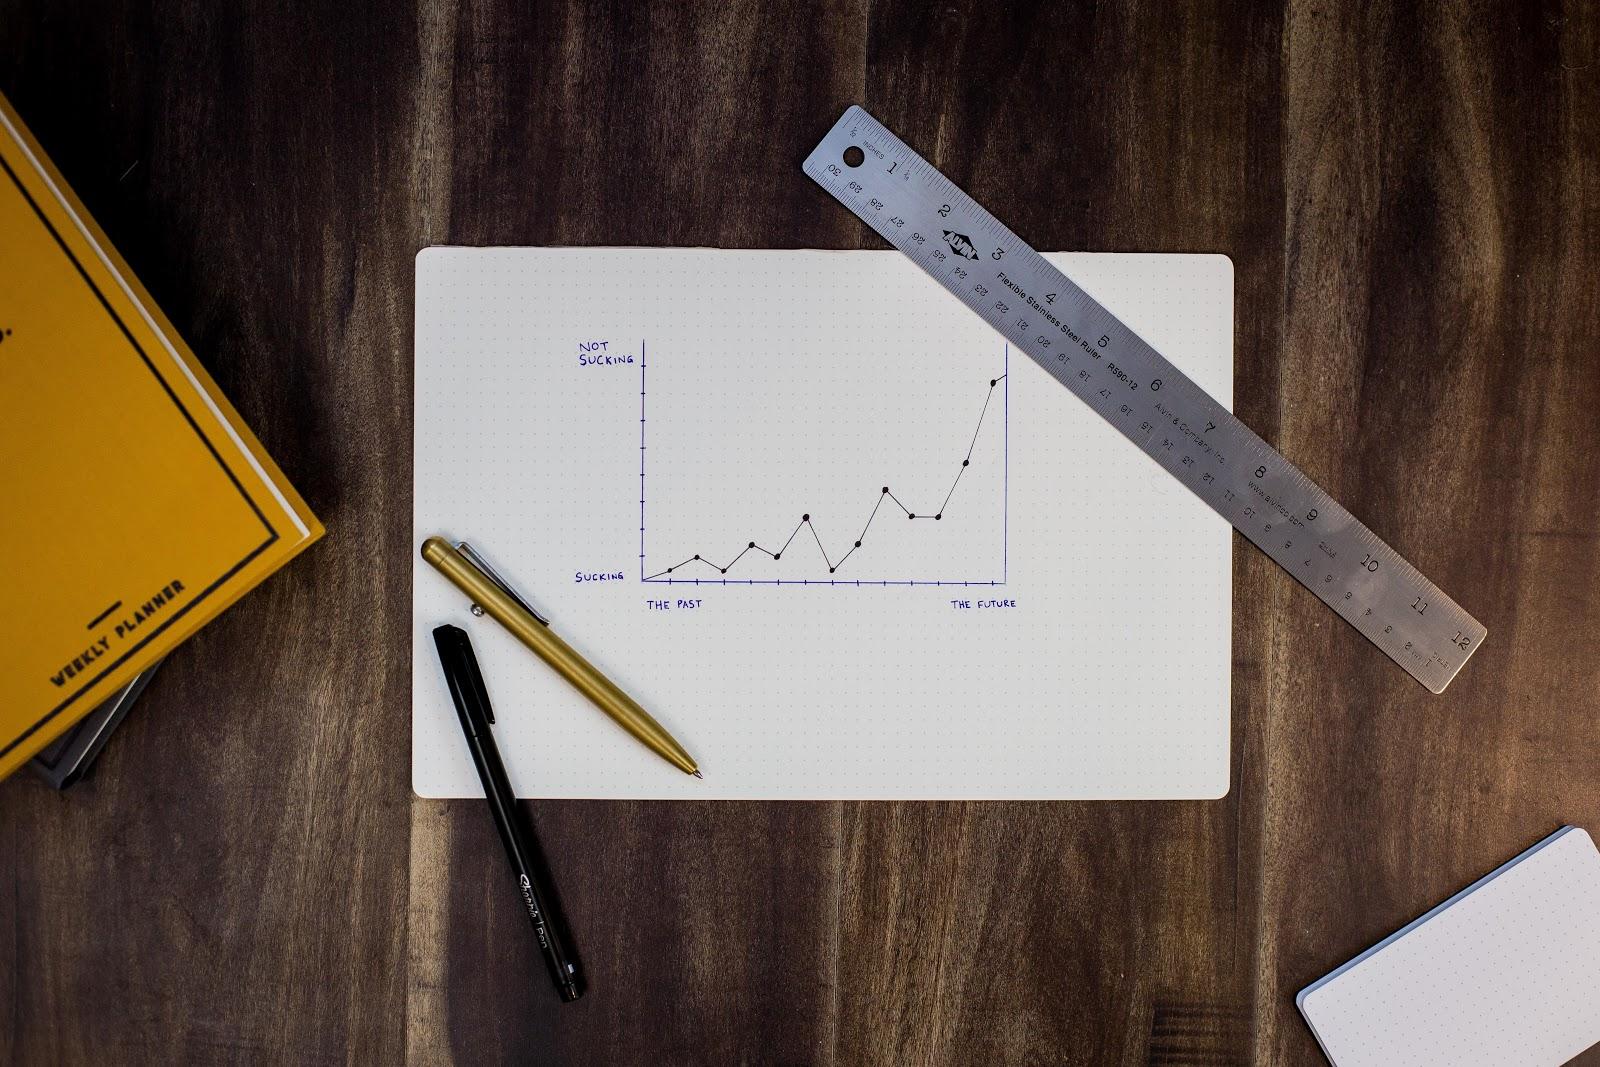 Charte d'analyse sur un bureau en bois pour expliquer ce qu'est une analyse environnementale